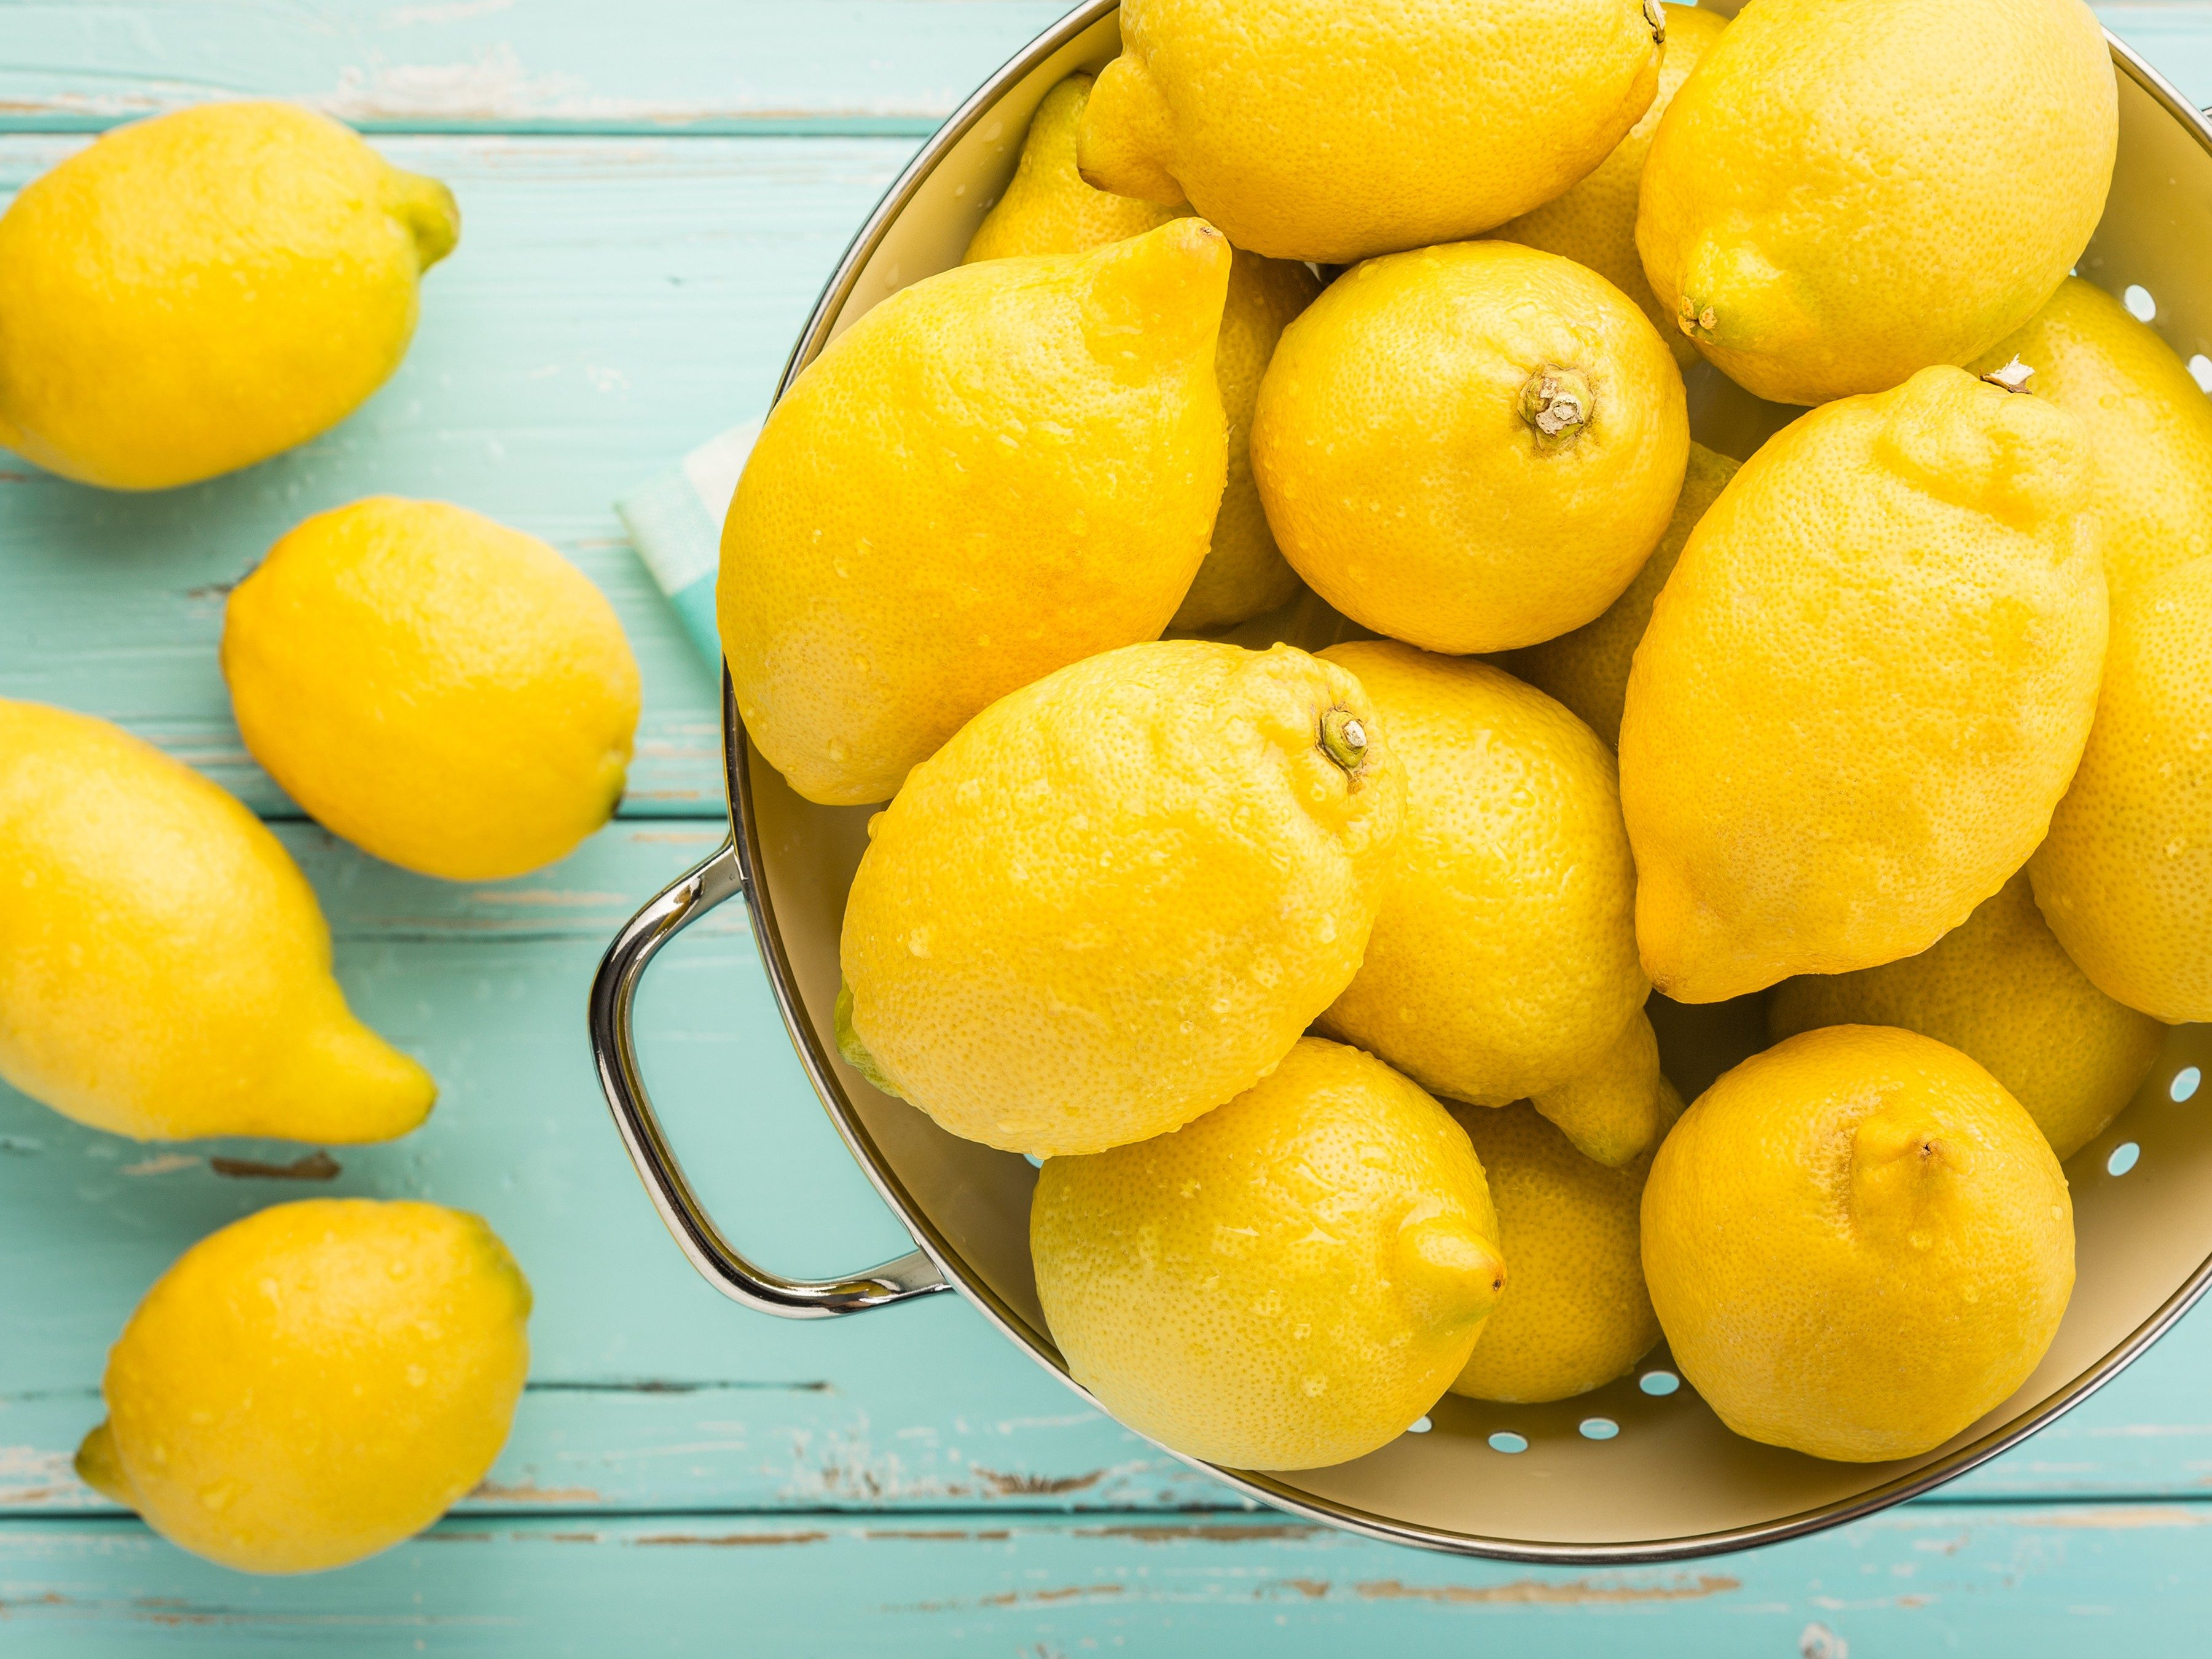 5 New Household Uses for Lemons